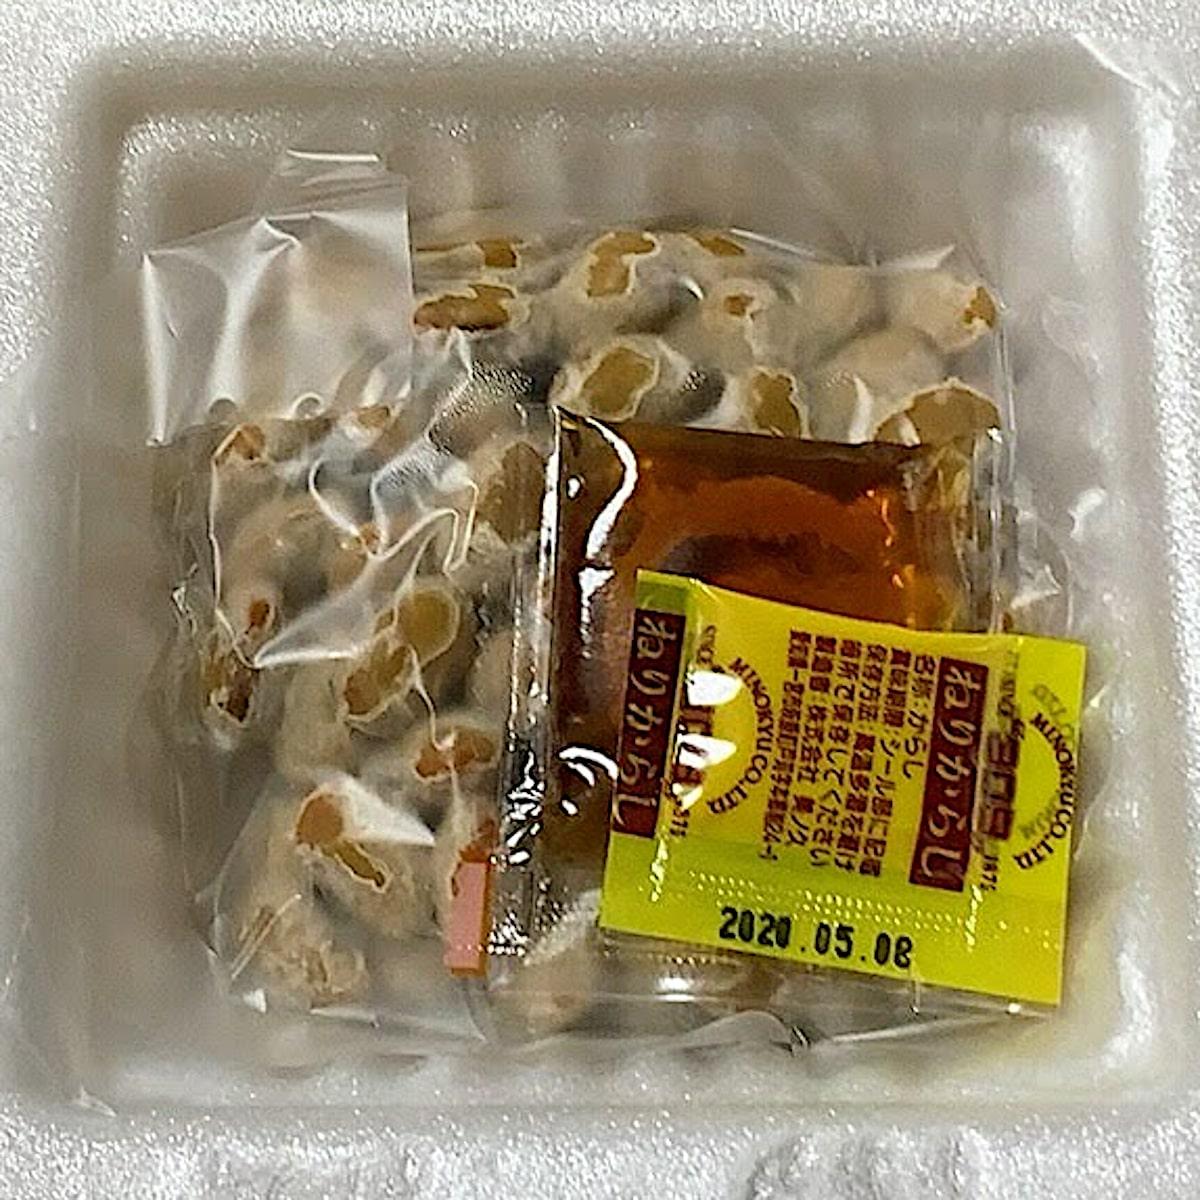 「うまか納豆九州もん」の容器の中の画像